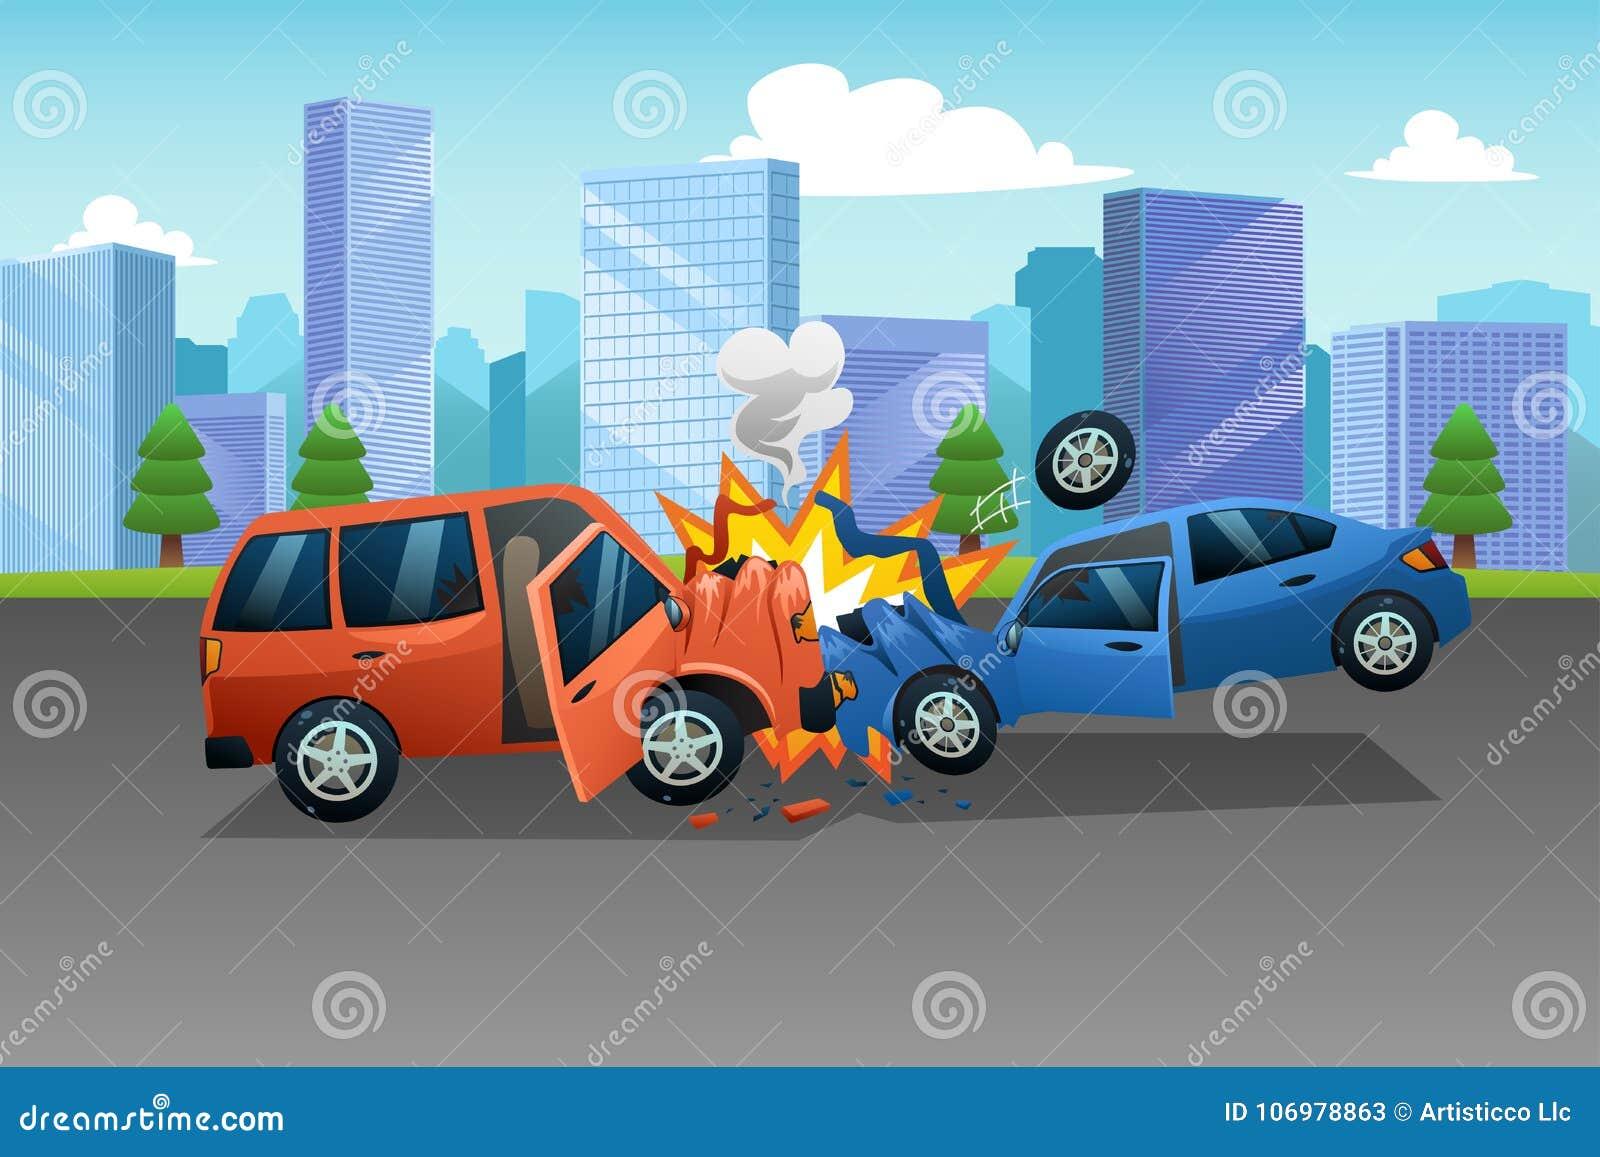 Zwei Autos In Einer Unfall-Illustration Vektor Abbildung ...